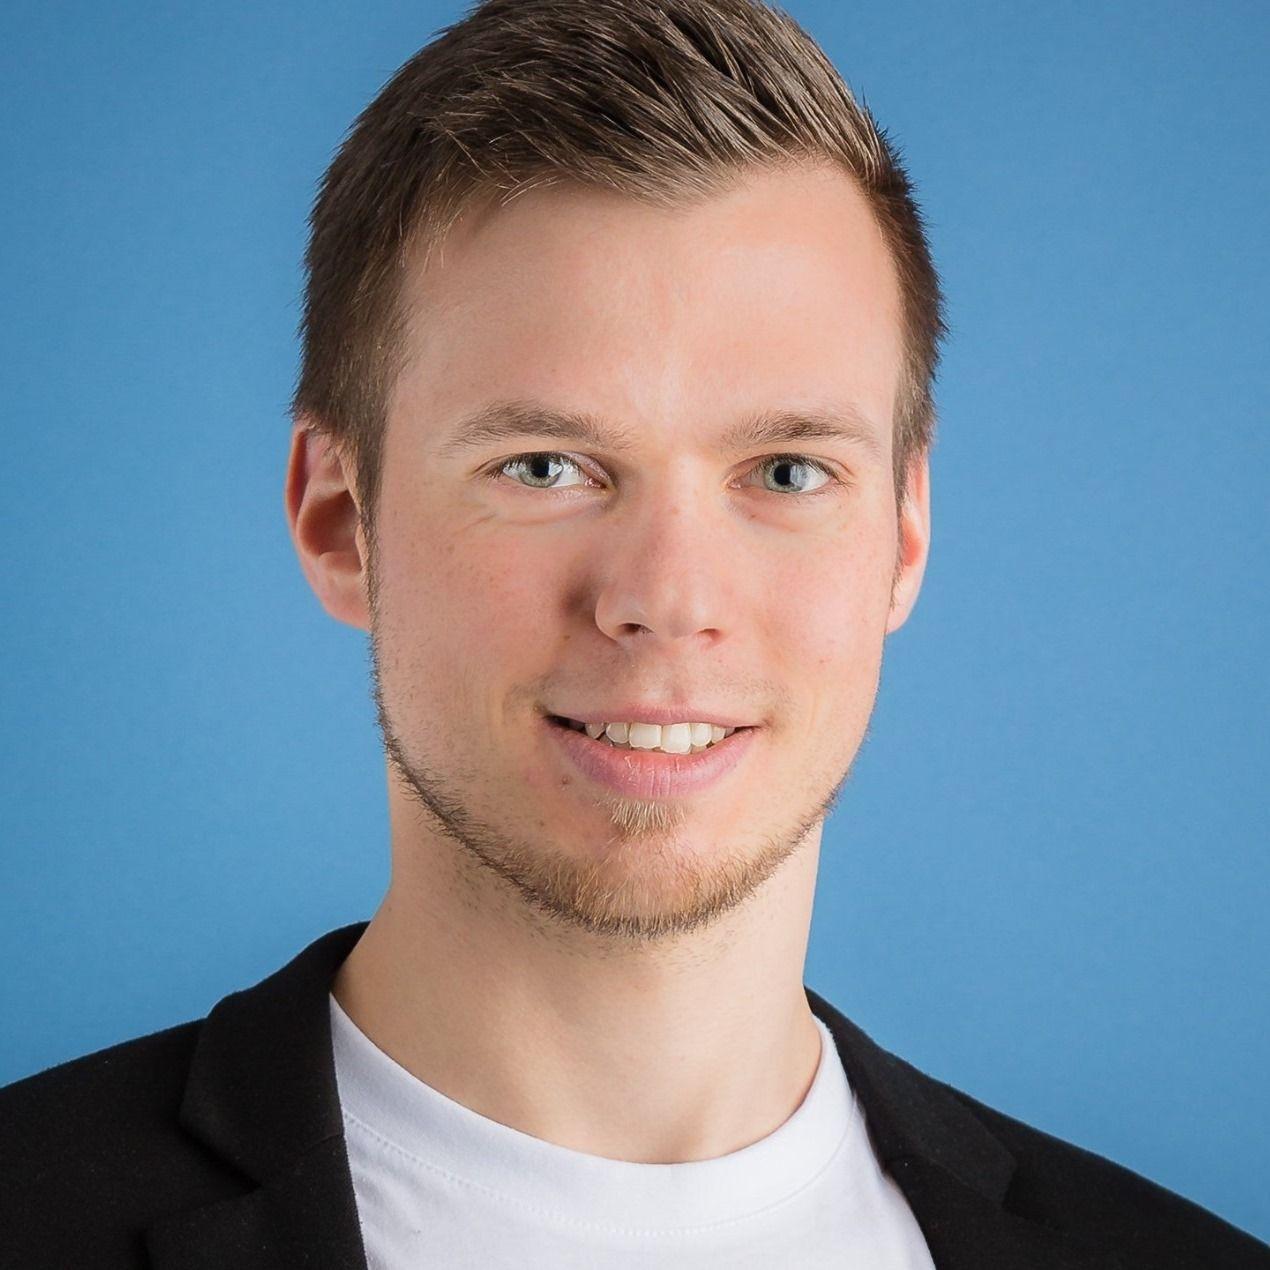 Felix Bölter